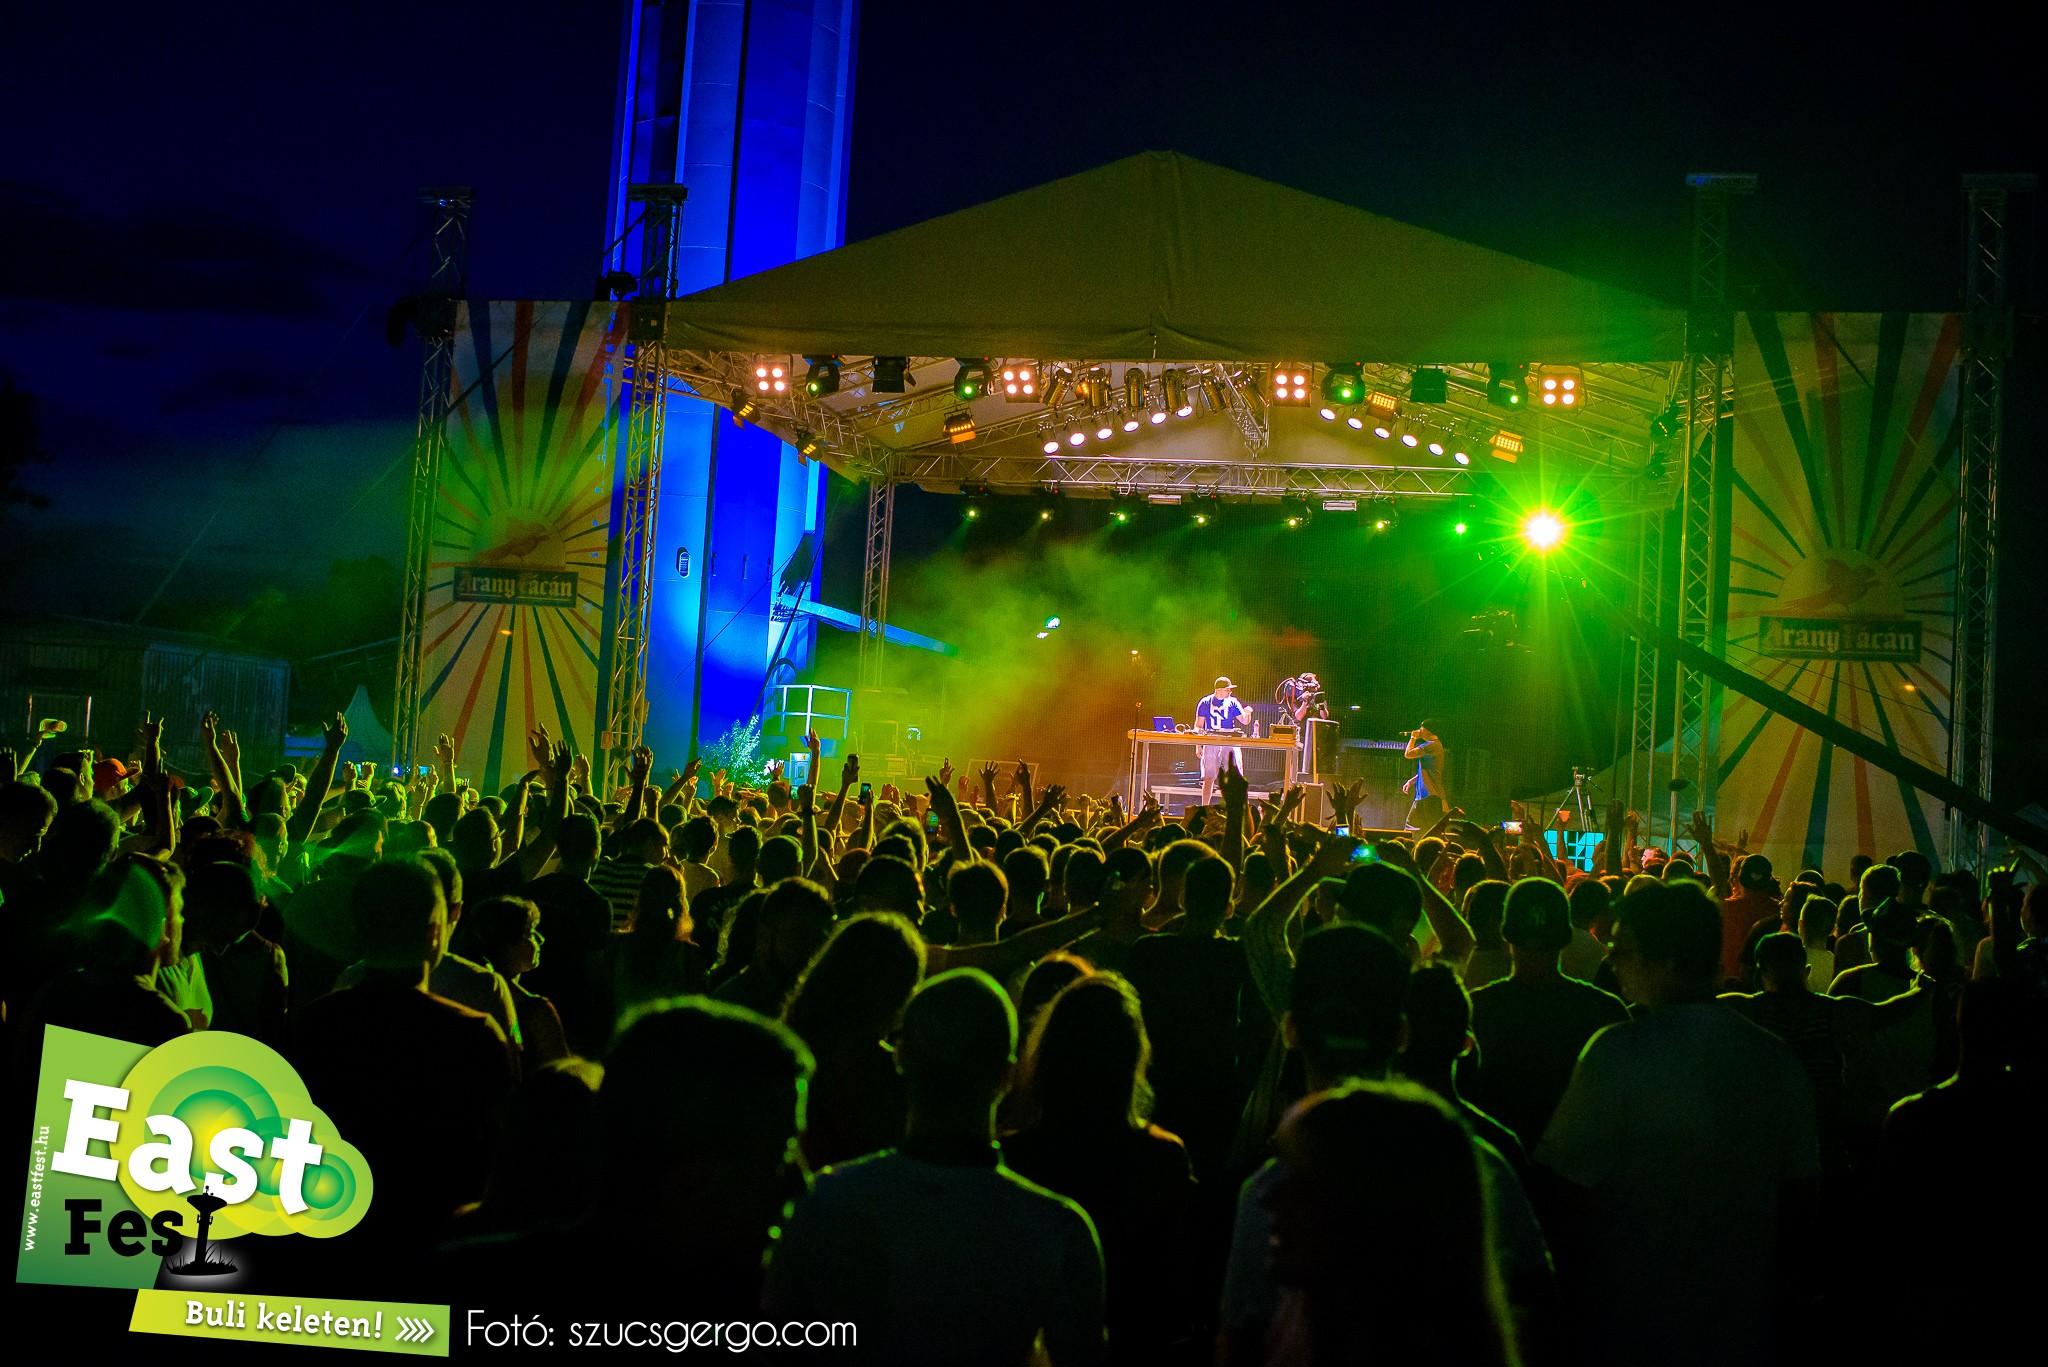 Egyre több zenekar kap fellépési lehetőséget az idei East Fest-en